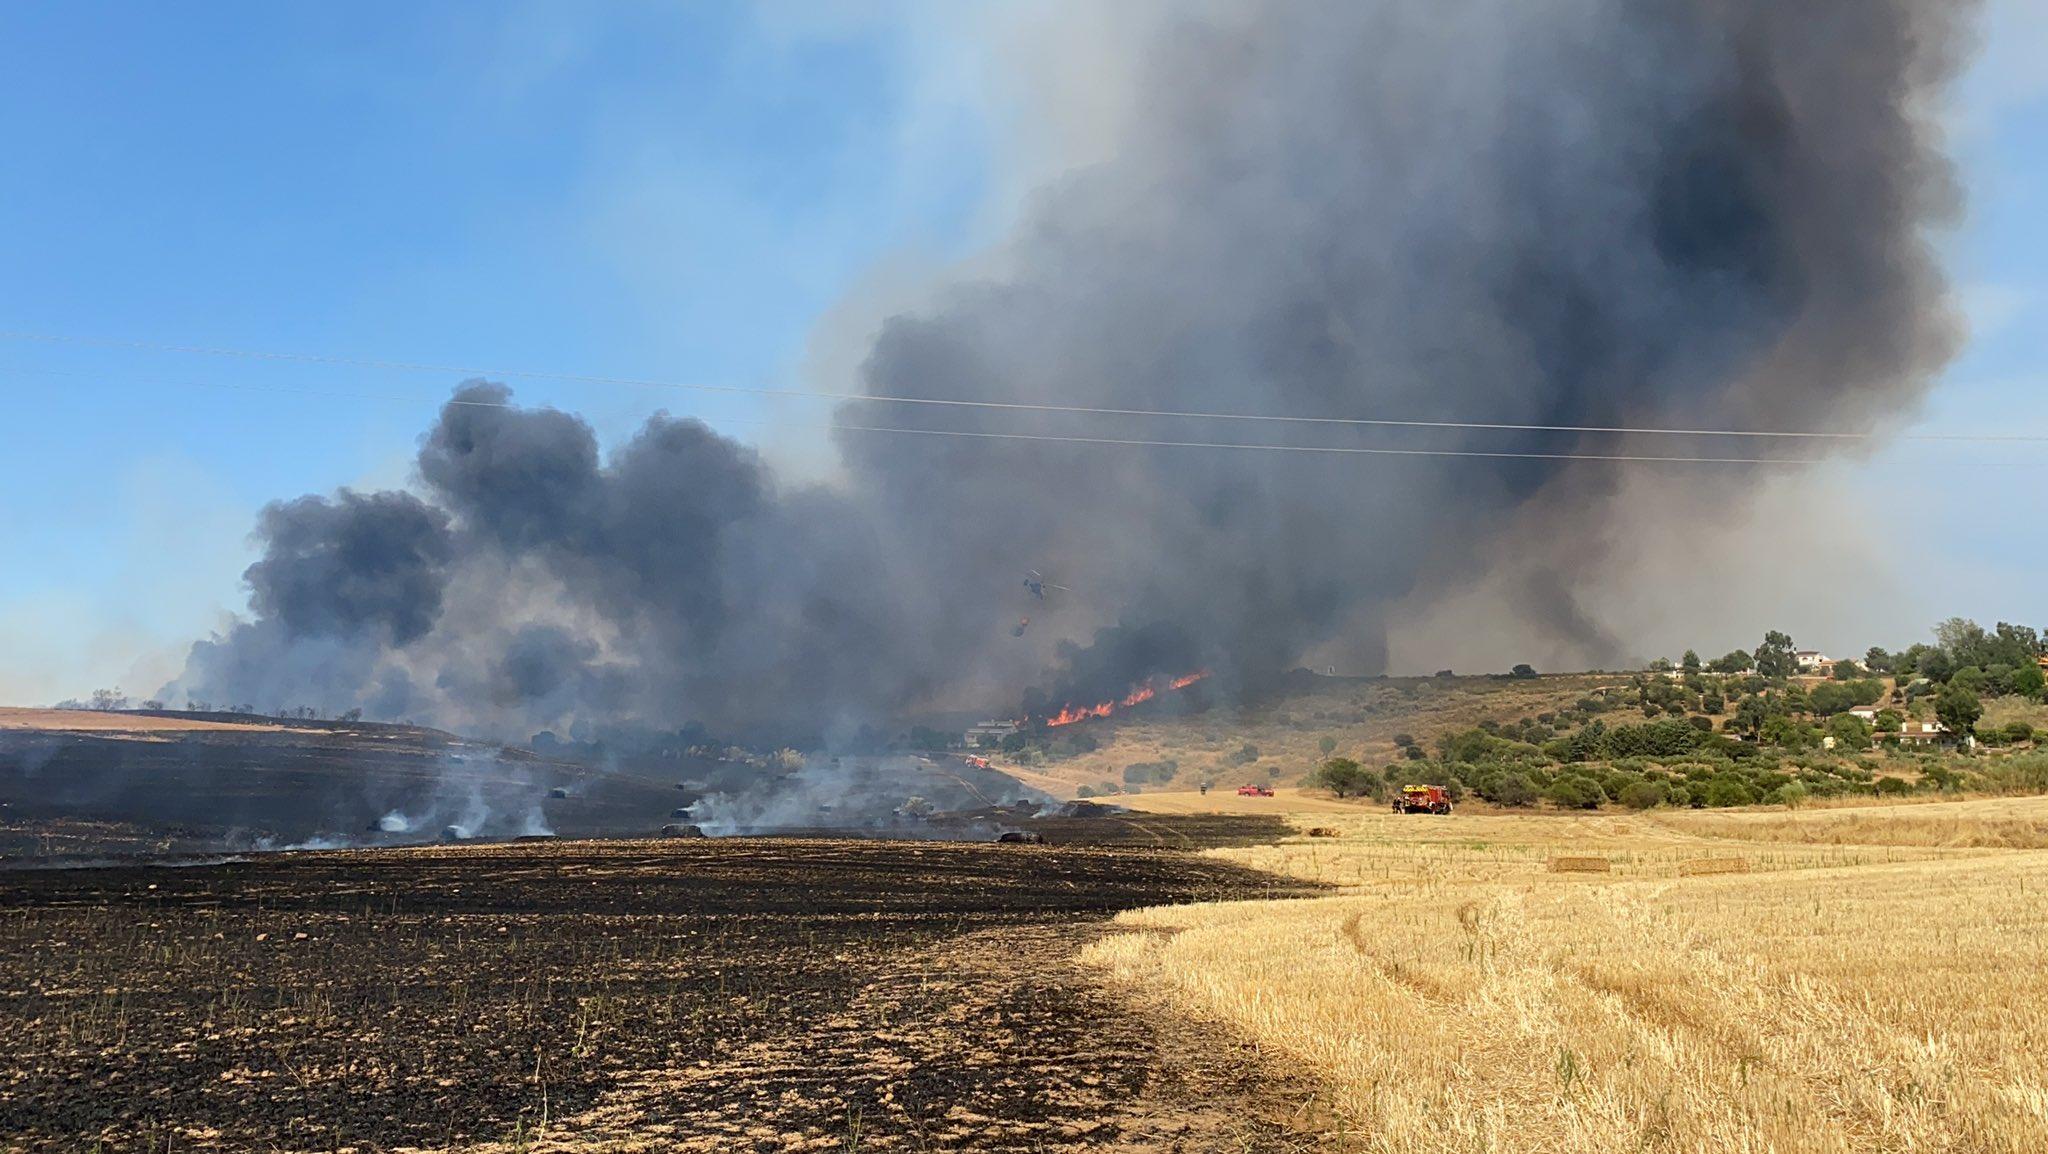 Activada la intervención de la Unidad Militar de Emergencias (UME) en incendio de El Casar